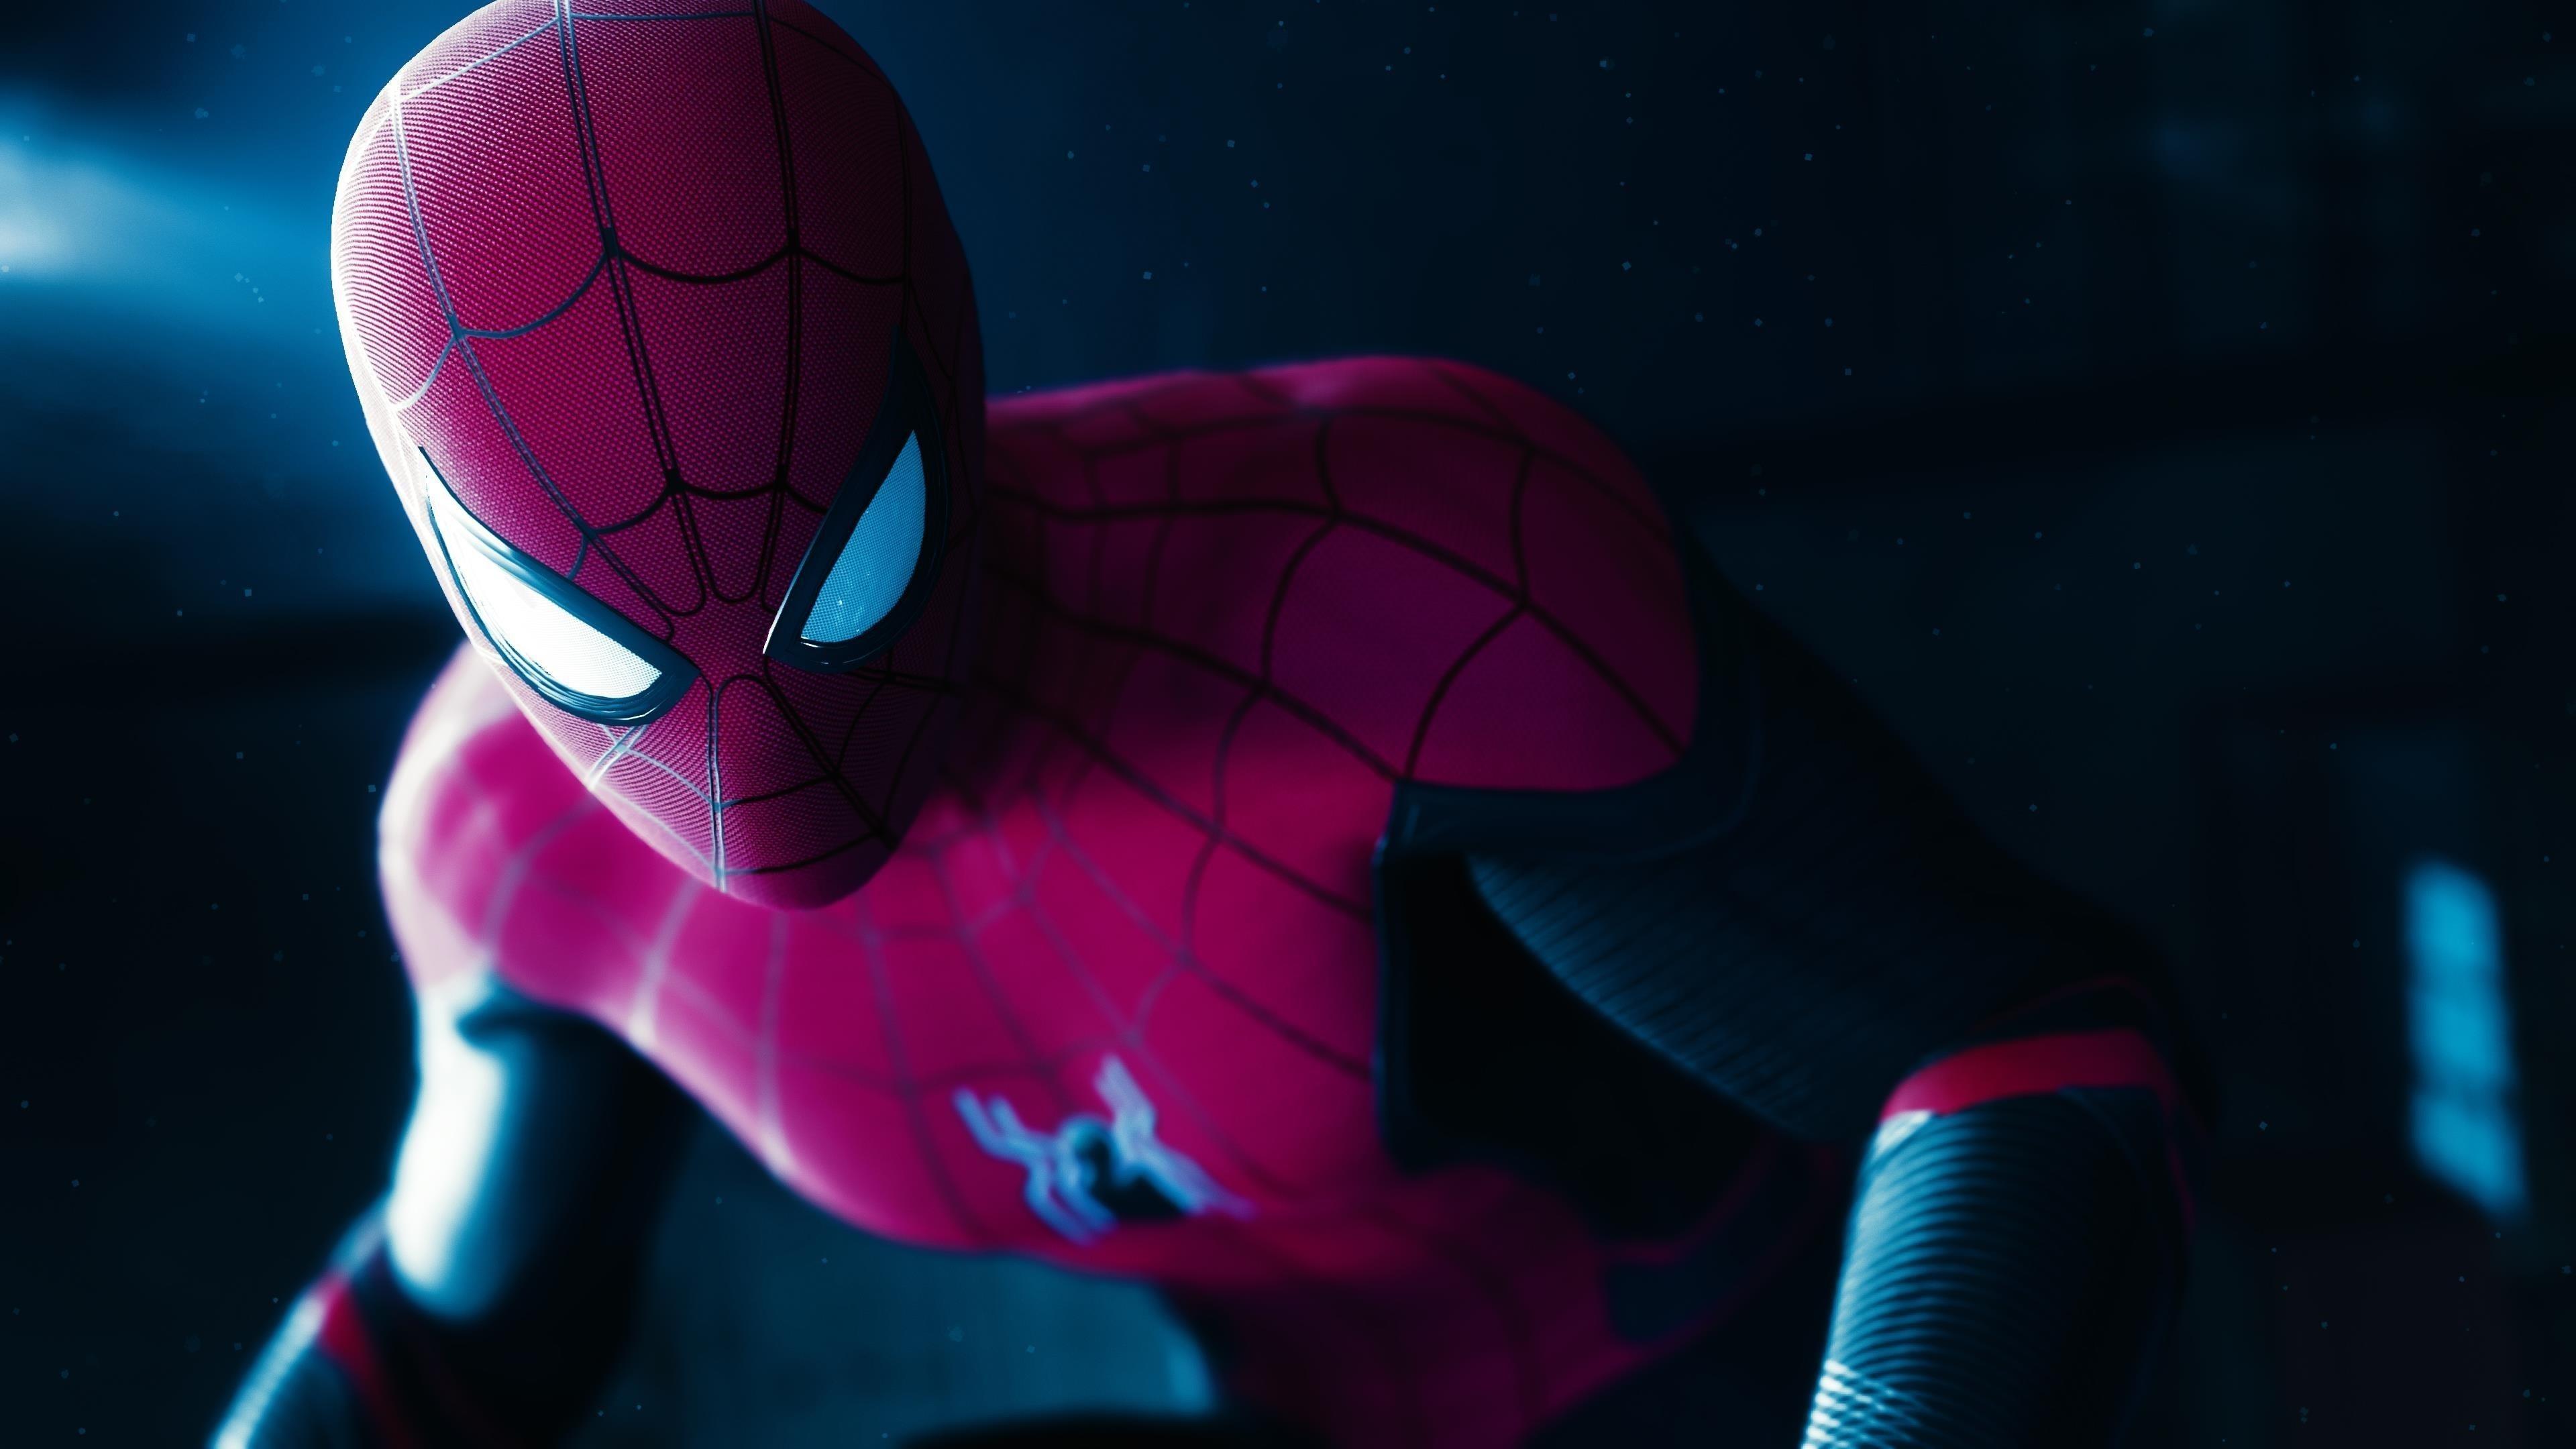 Человек-паук Вдали от дома ps4 pro игра обои скачать